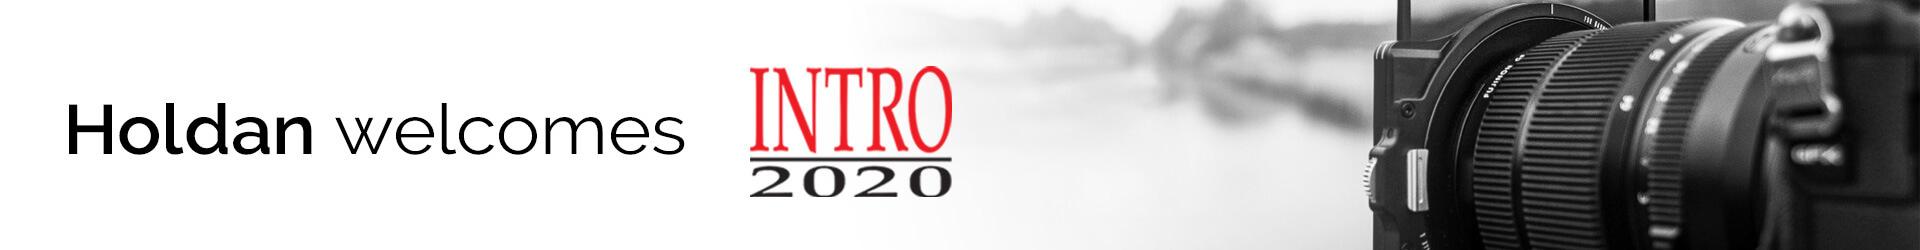 Holdan Acquires Intro 2020